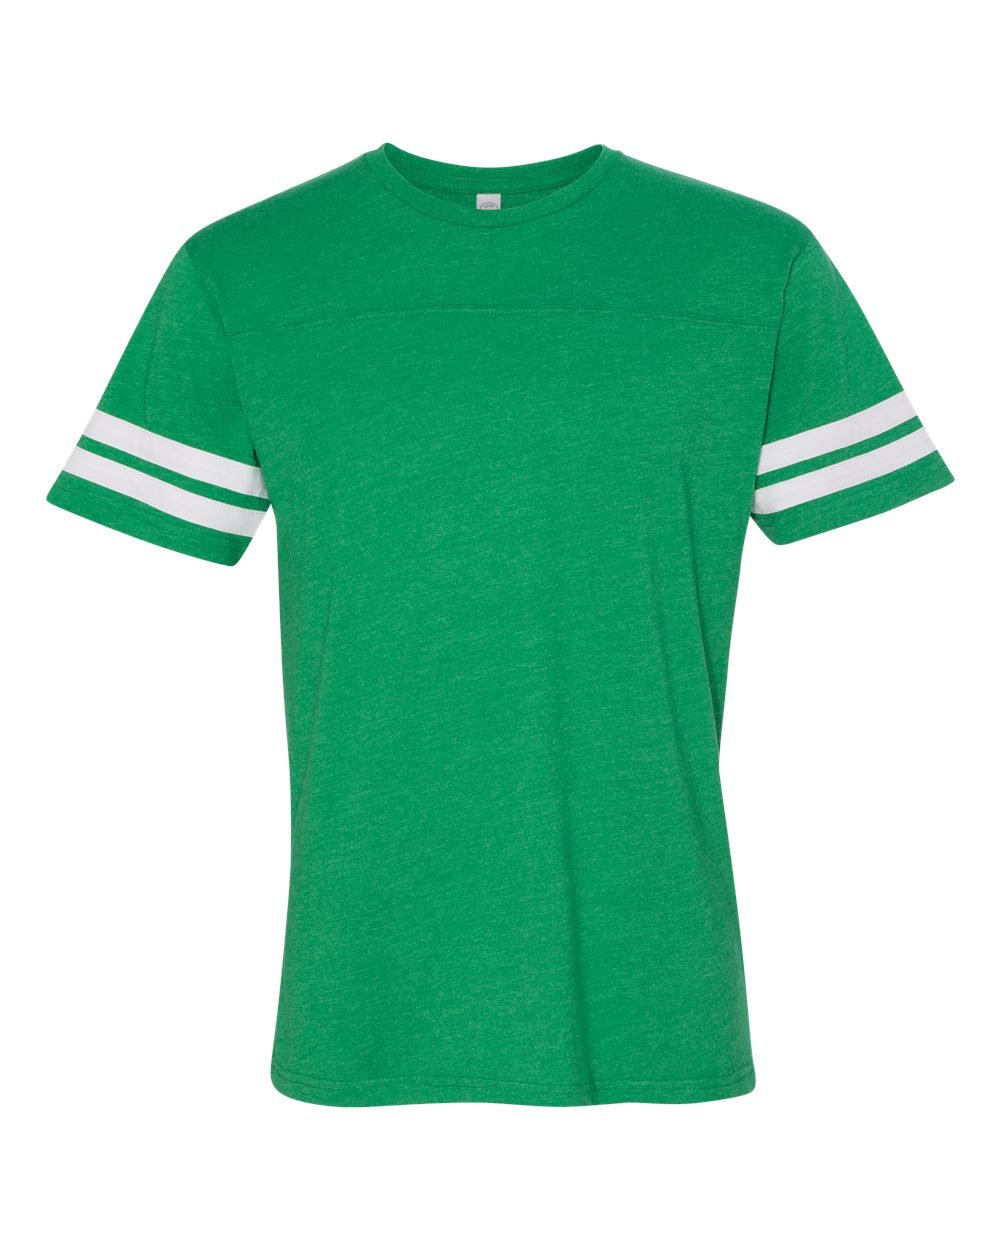 LAT Sportswear SHIRT メンズ B01BVE2Q5U 3L|ヴィンテージグリーン ヴィンテージグリーン 3L